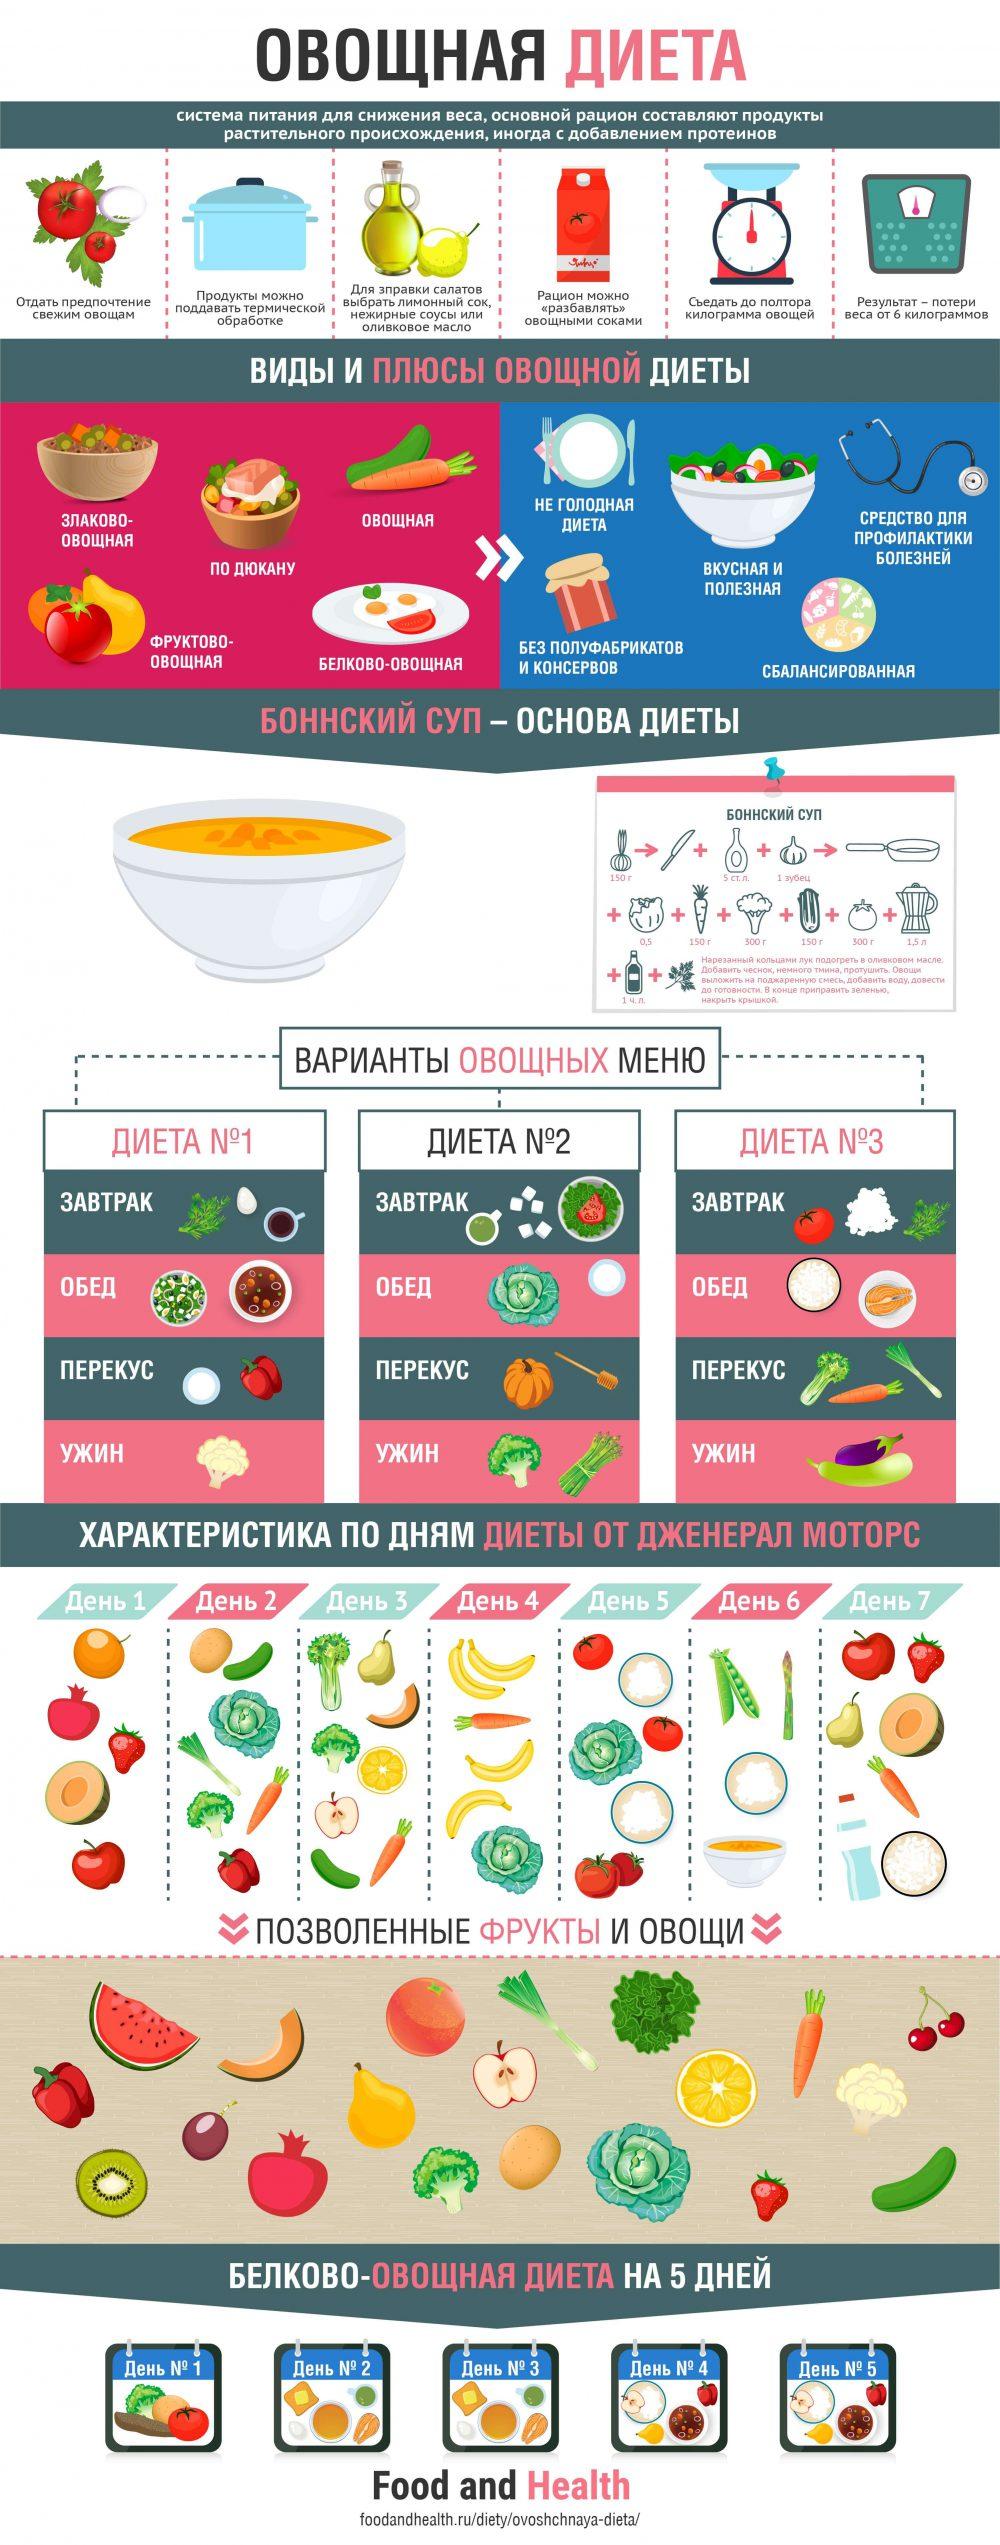 Овощная диета: инфографика